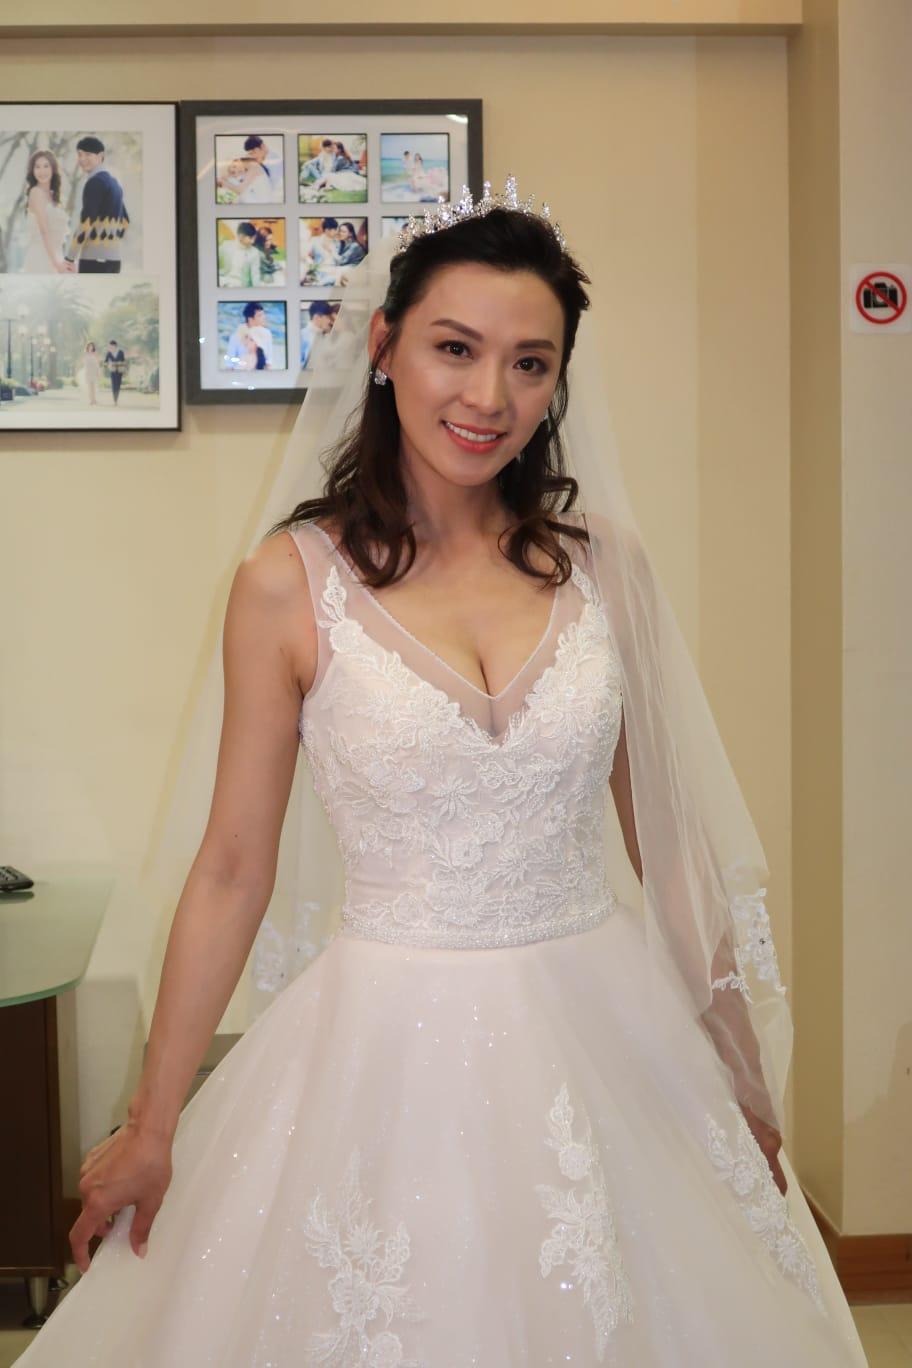 陳煒穿上婚紗露出事業綫。